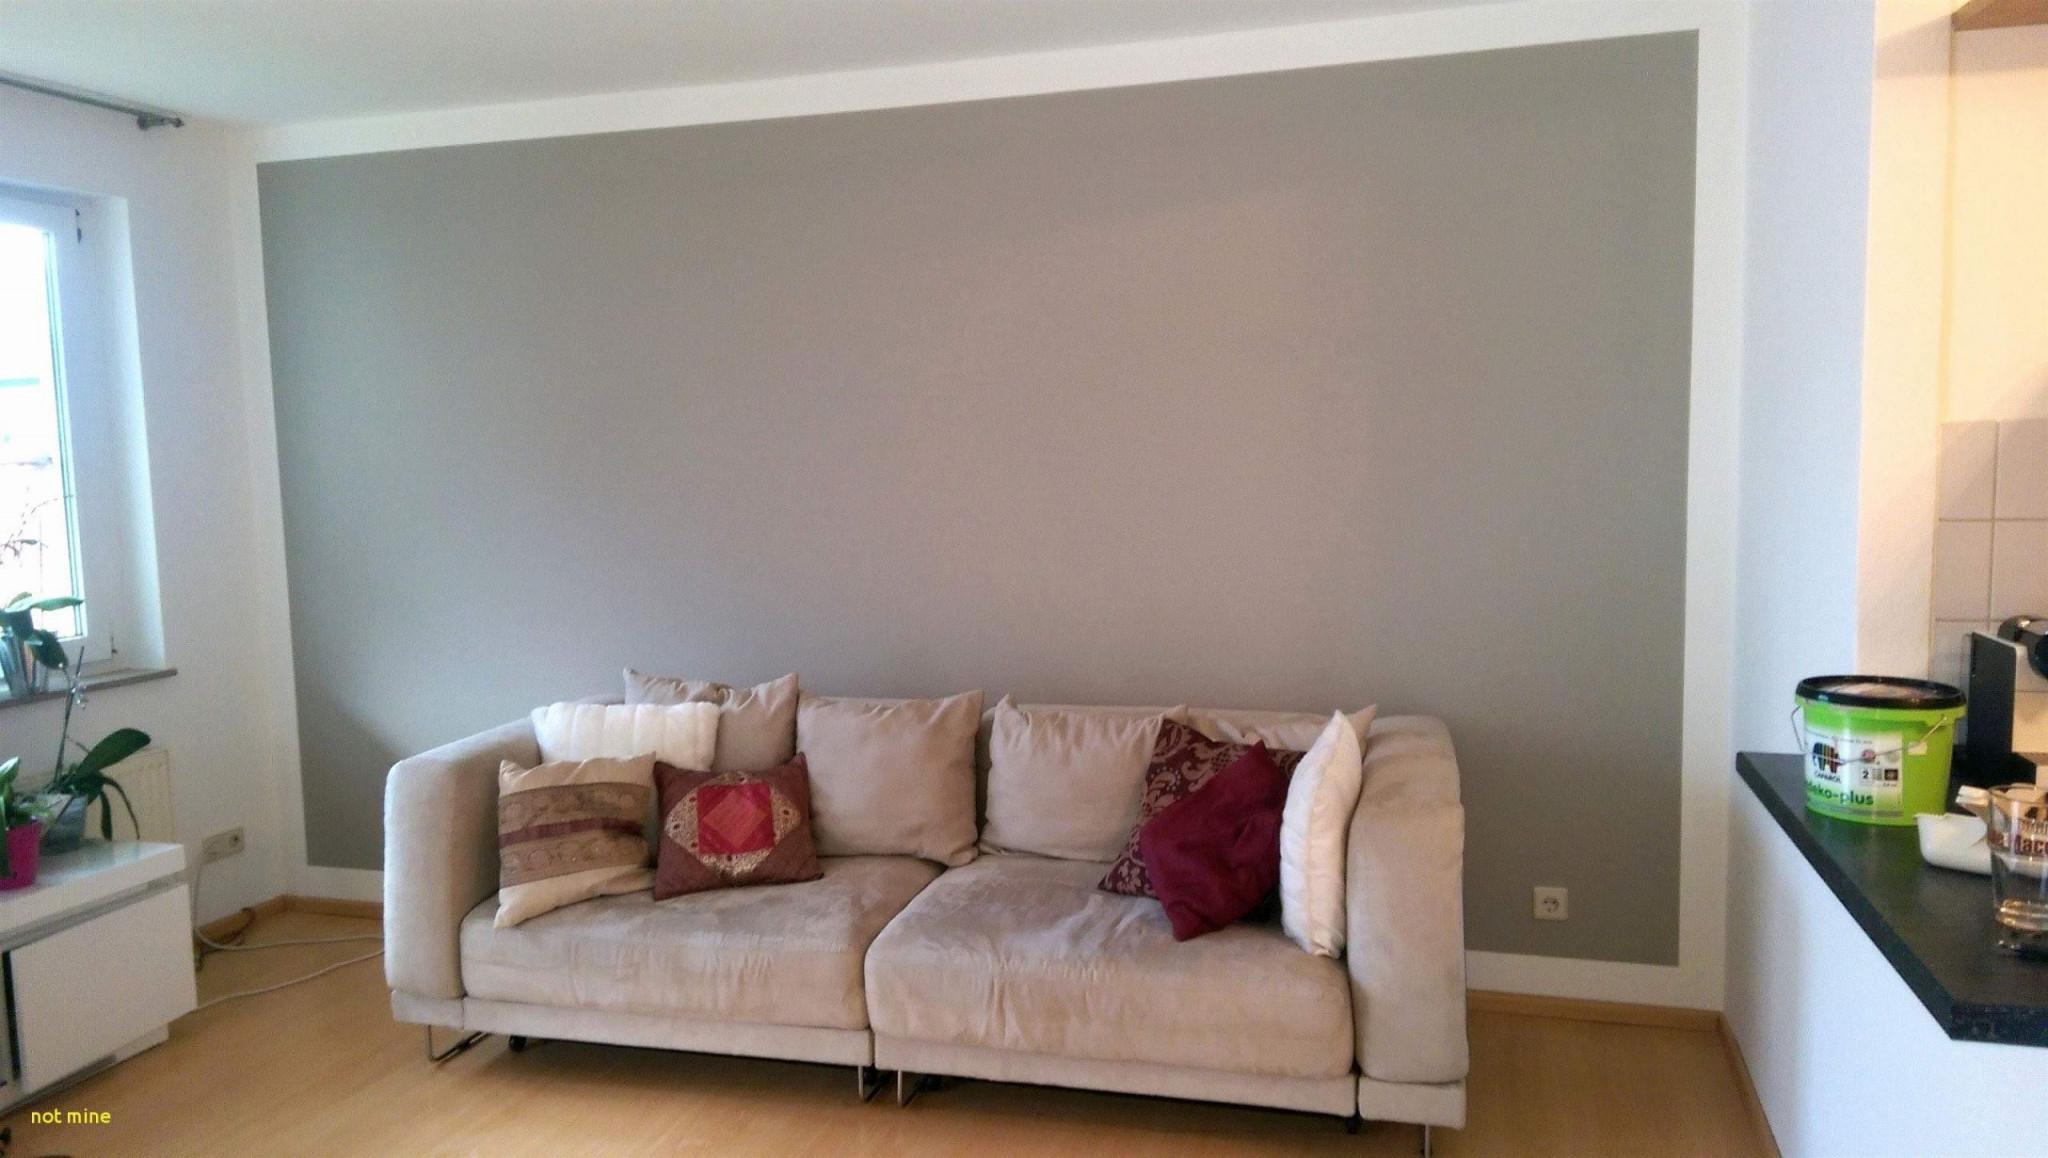 Wandgestaltung Wand Streichen Ideen Wohnzimmer – Caseconrad von Wohnzimmer Ausmalen Ideen Bilder Photo